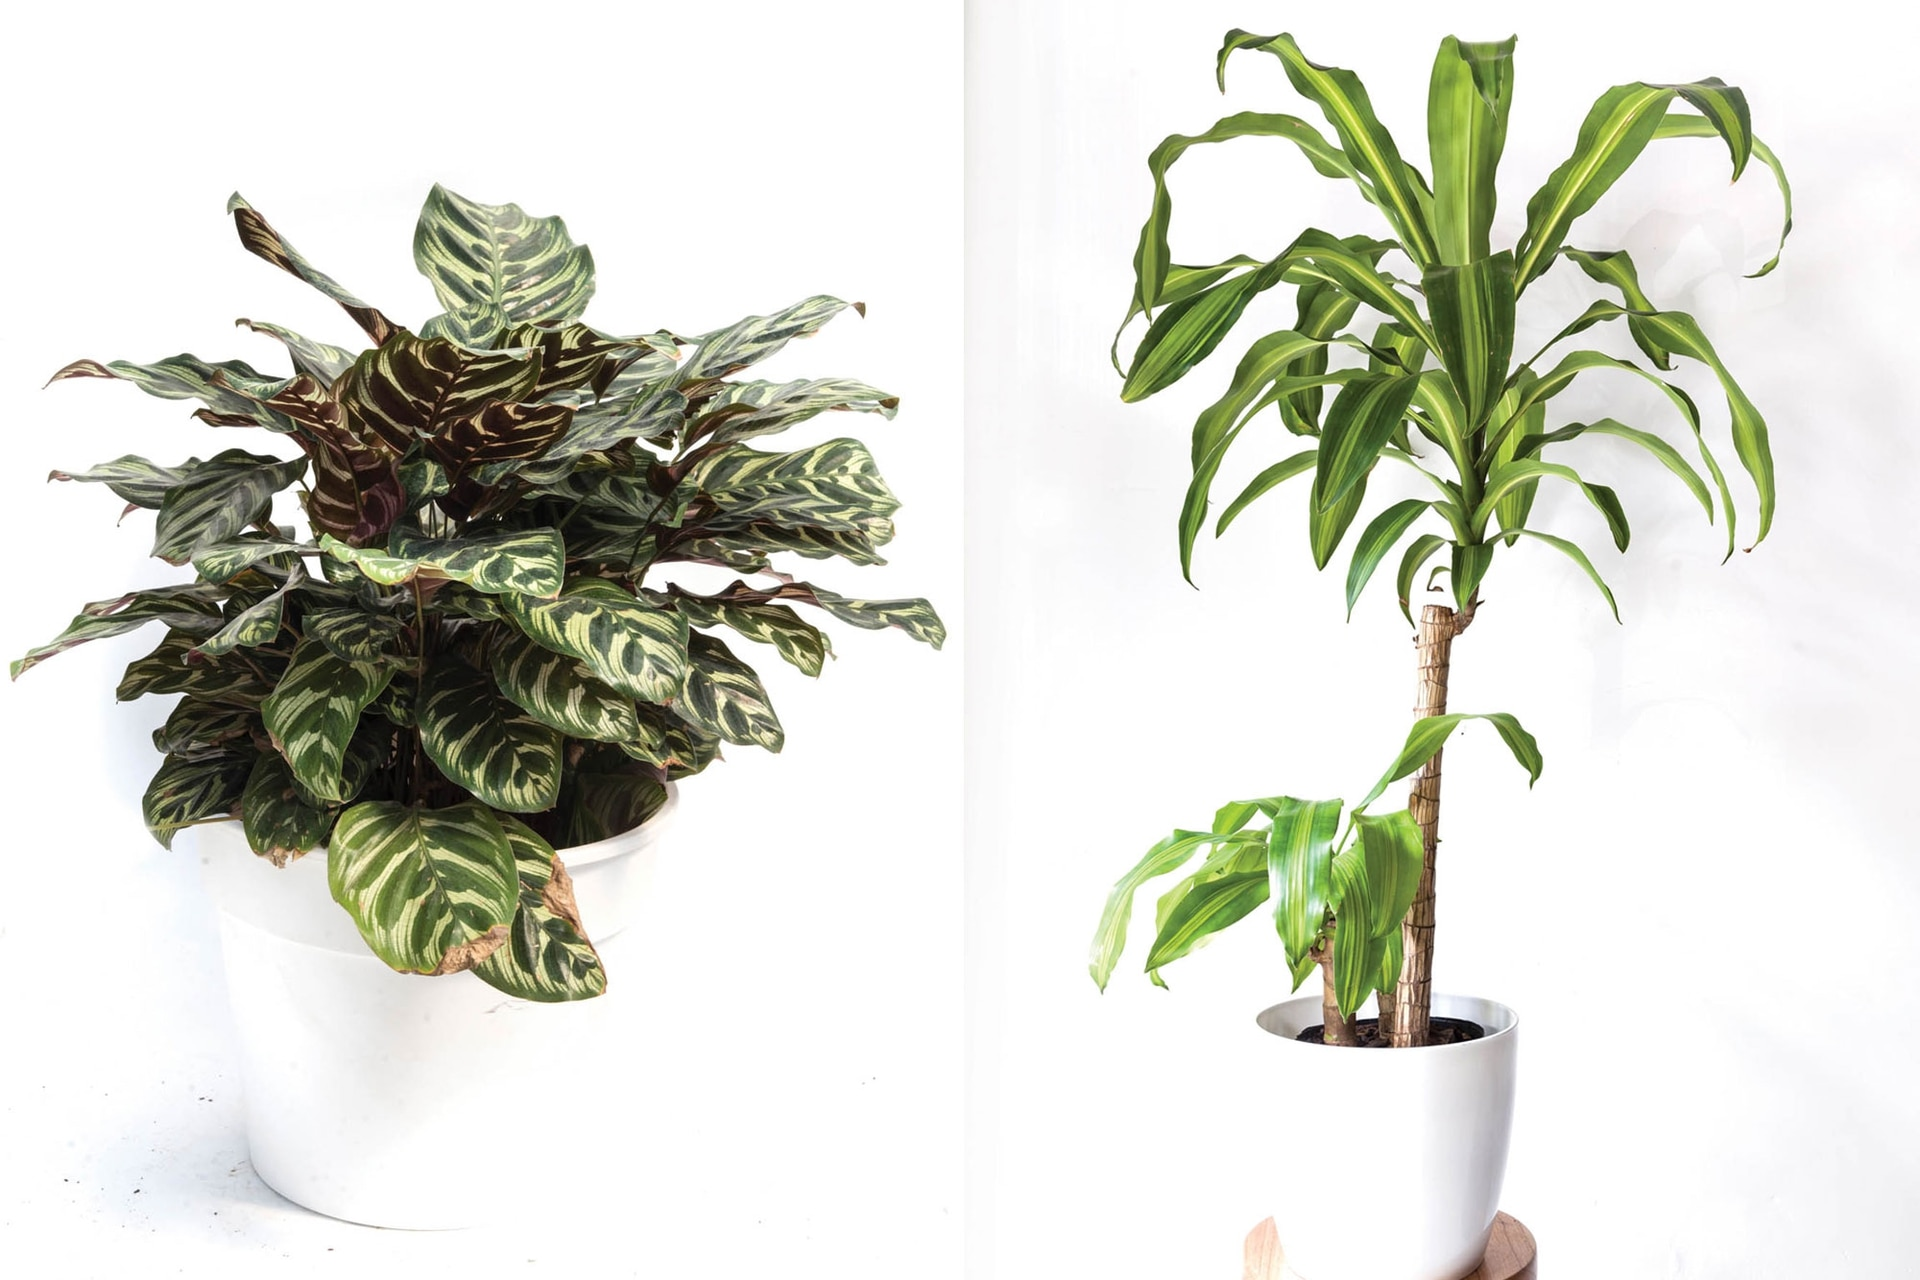 A la izquierda, la delicada Calathea makoyana. Si las puntas de las hojas se ponen marrones, puede ocurrir que el ambiente sea de muy baja humedad. En ese caso, conviene pulverizarlas con agua neutra con gota fina. Las hojas acartuchadas o amarillas son signo de falta de agua en el sustrato. A la izquierda, una Dracaena fragrans o palo de agua: es de los casos en que, después de un tiempo en casa, crece mucho y puede requerir un trasplante a una macetas más grande.